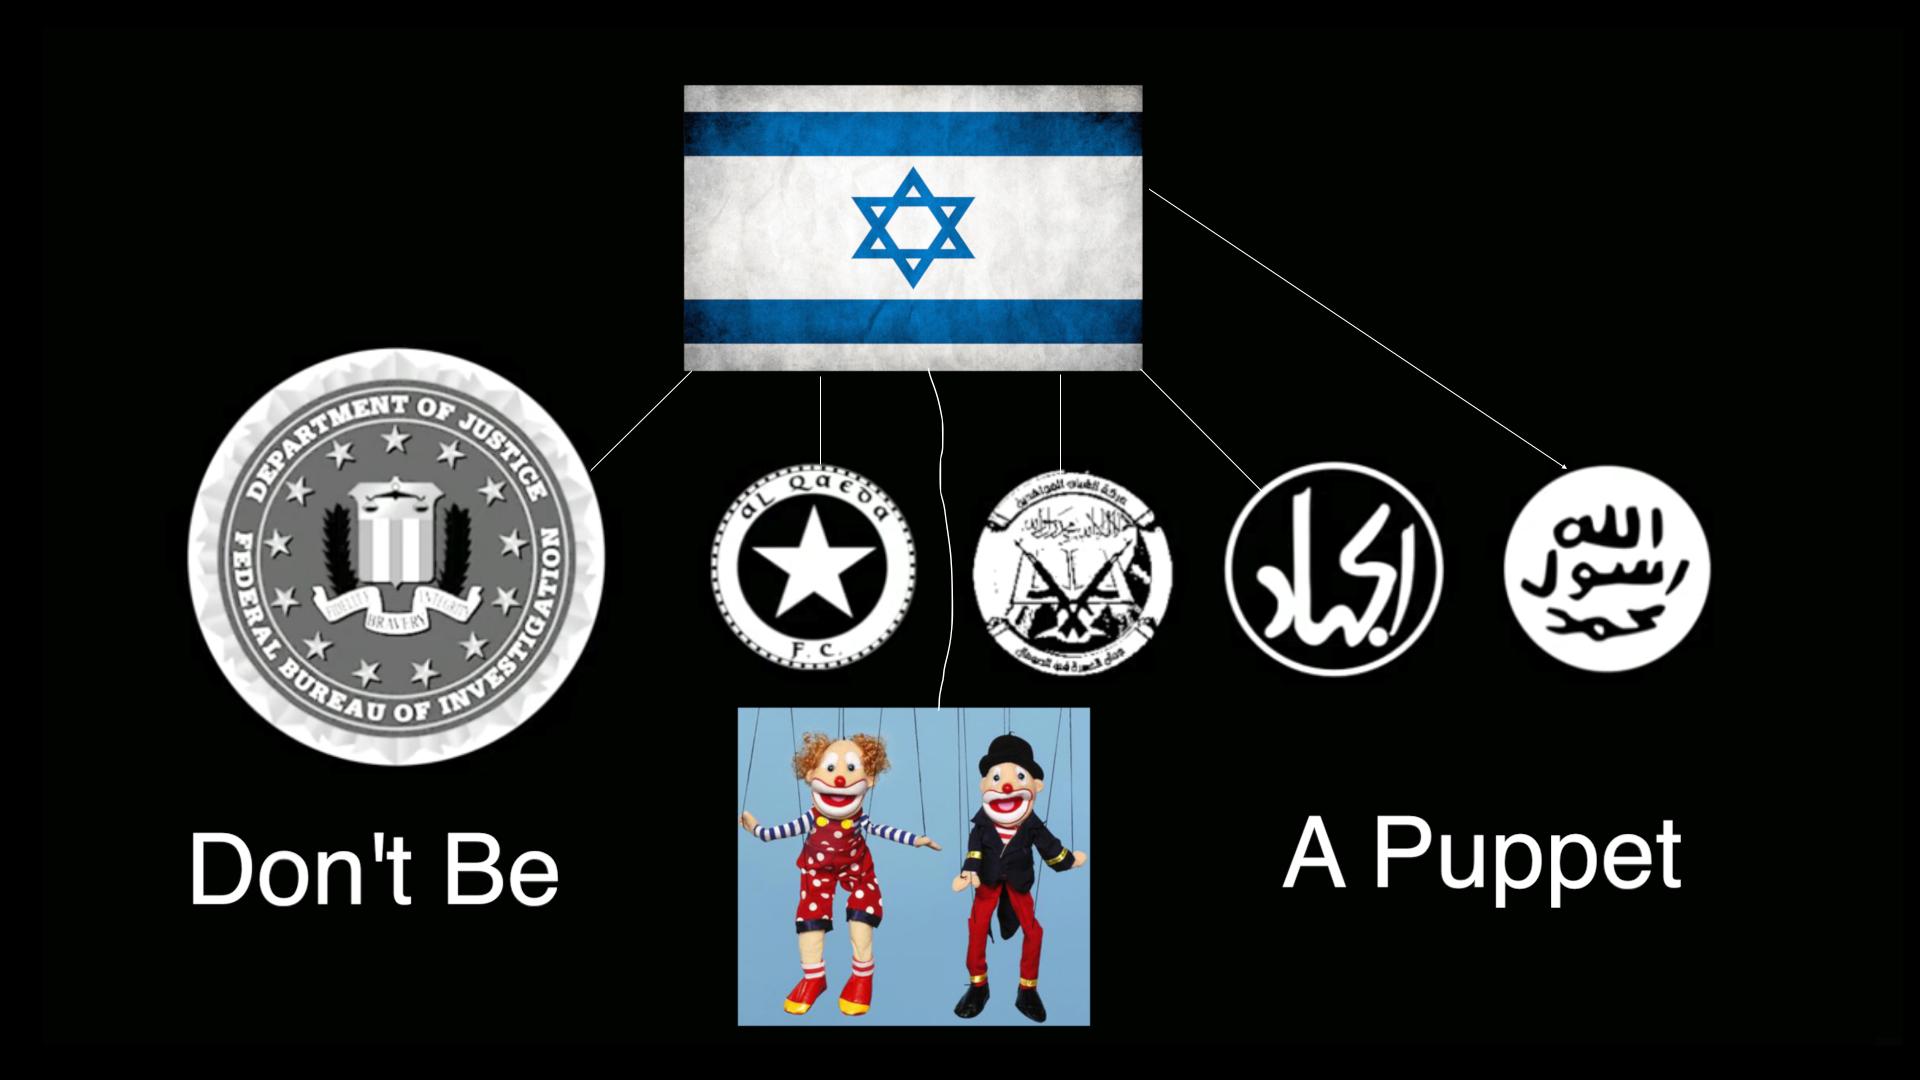 MT badge of authority